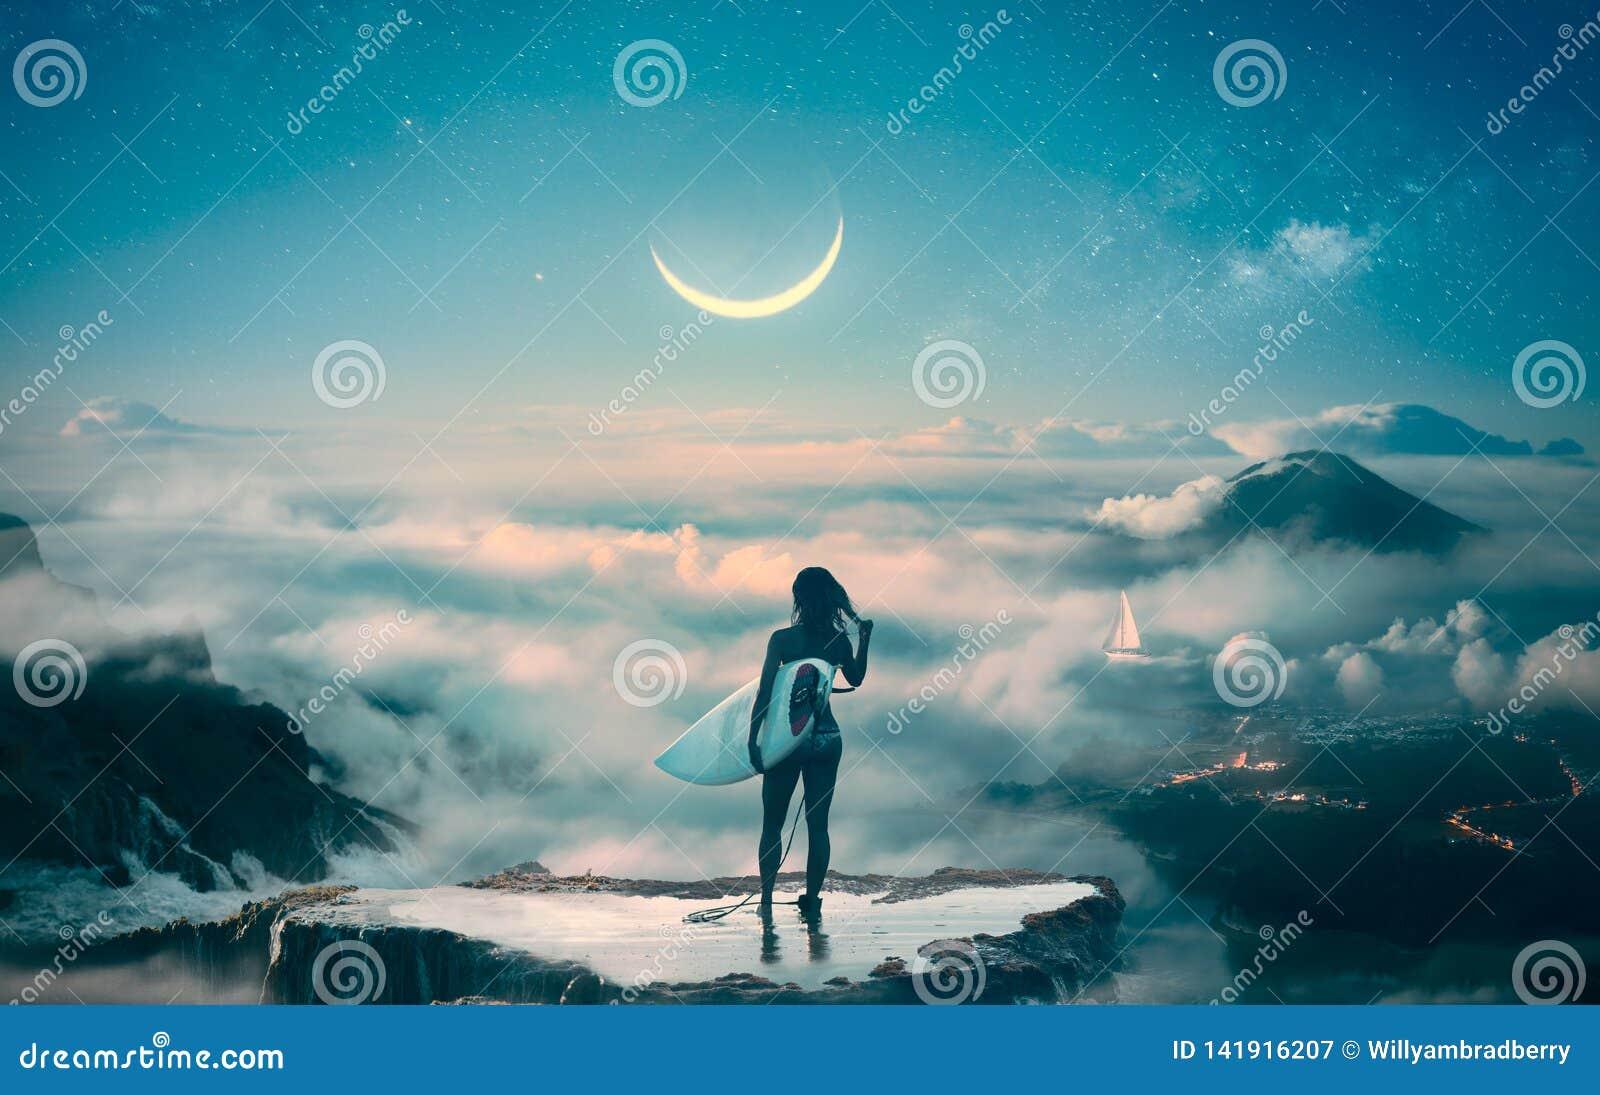 Posição da menina do surfista acima das nuvens que sonham sobre o inchamento